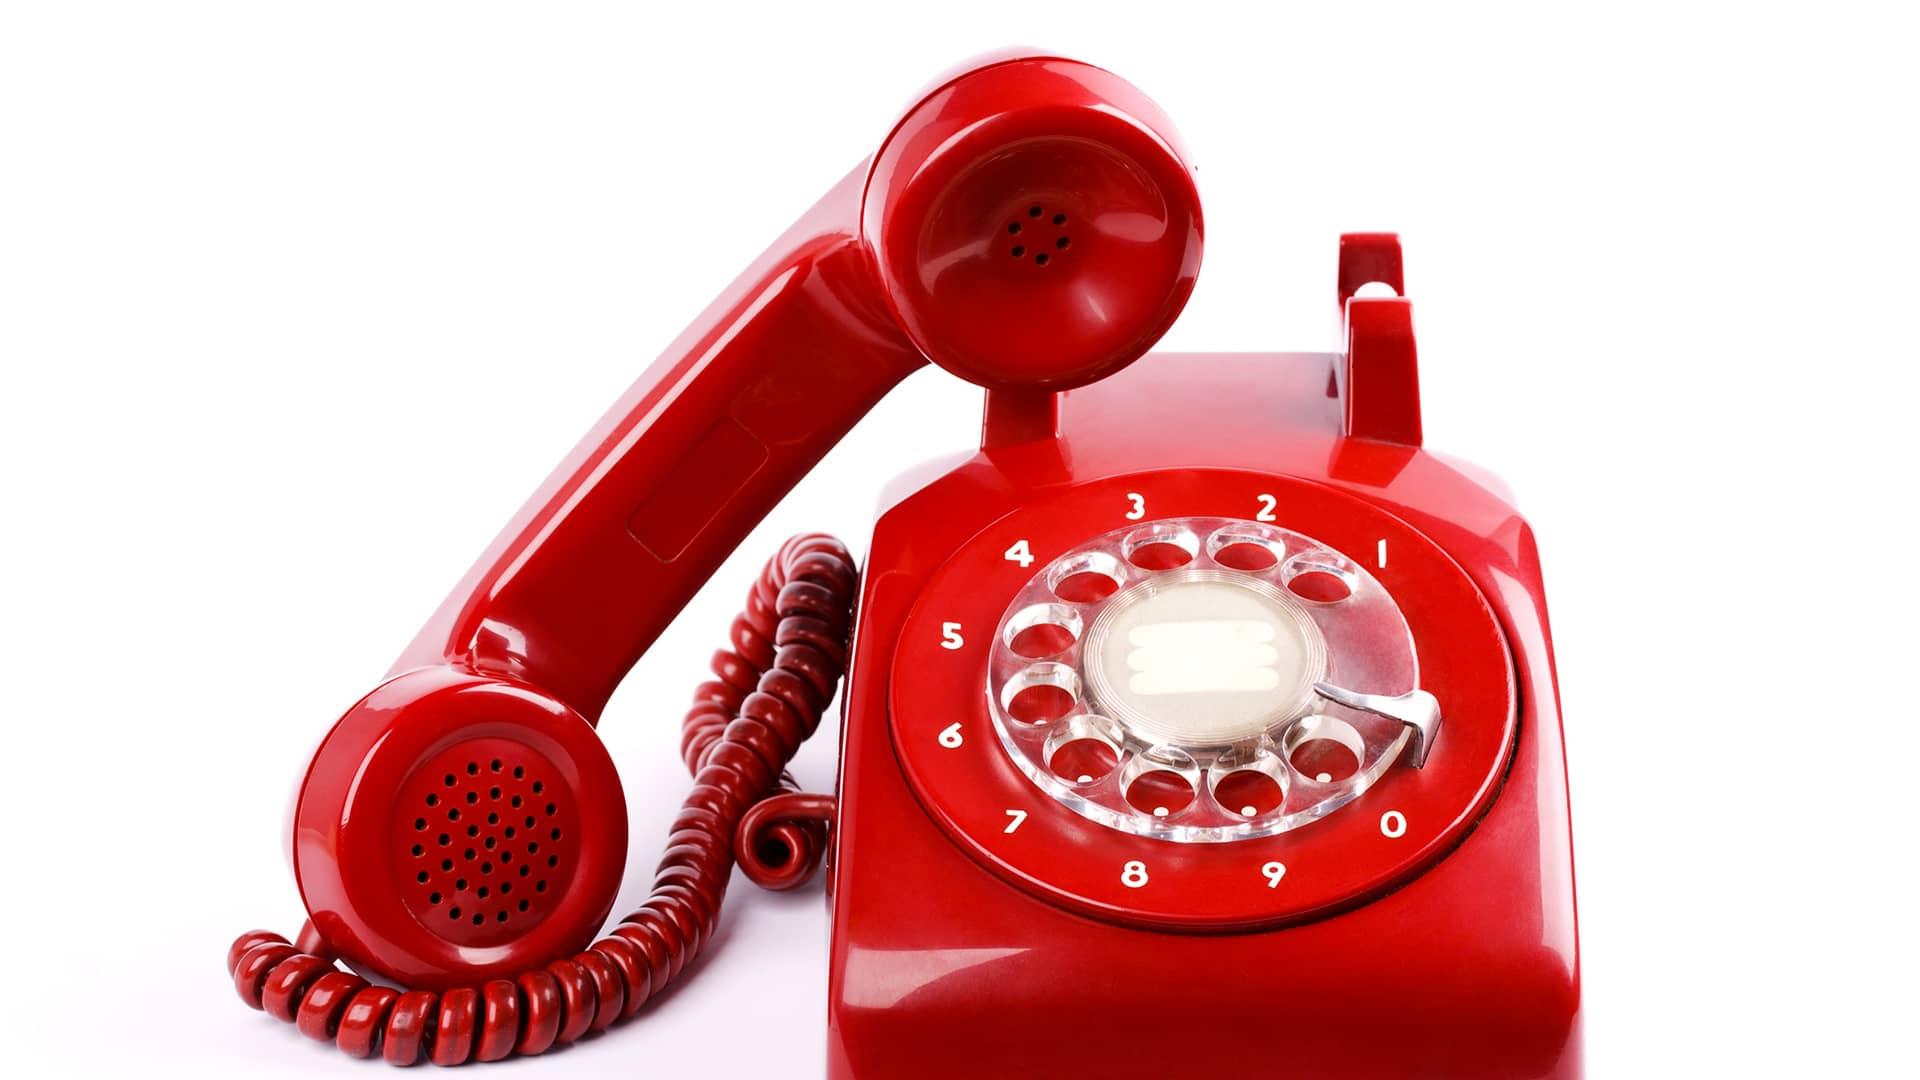 Establecimiento de llamada en Vodafone: precio